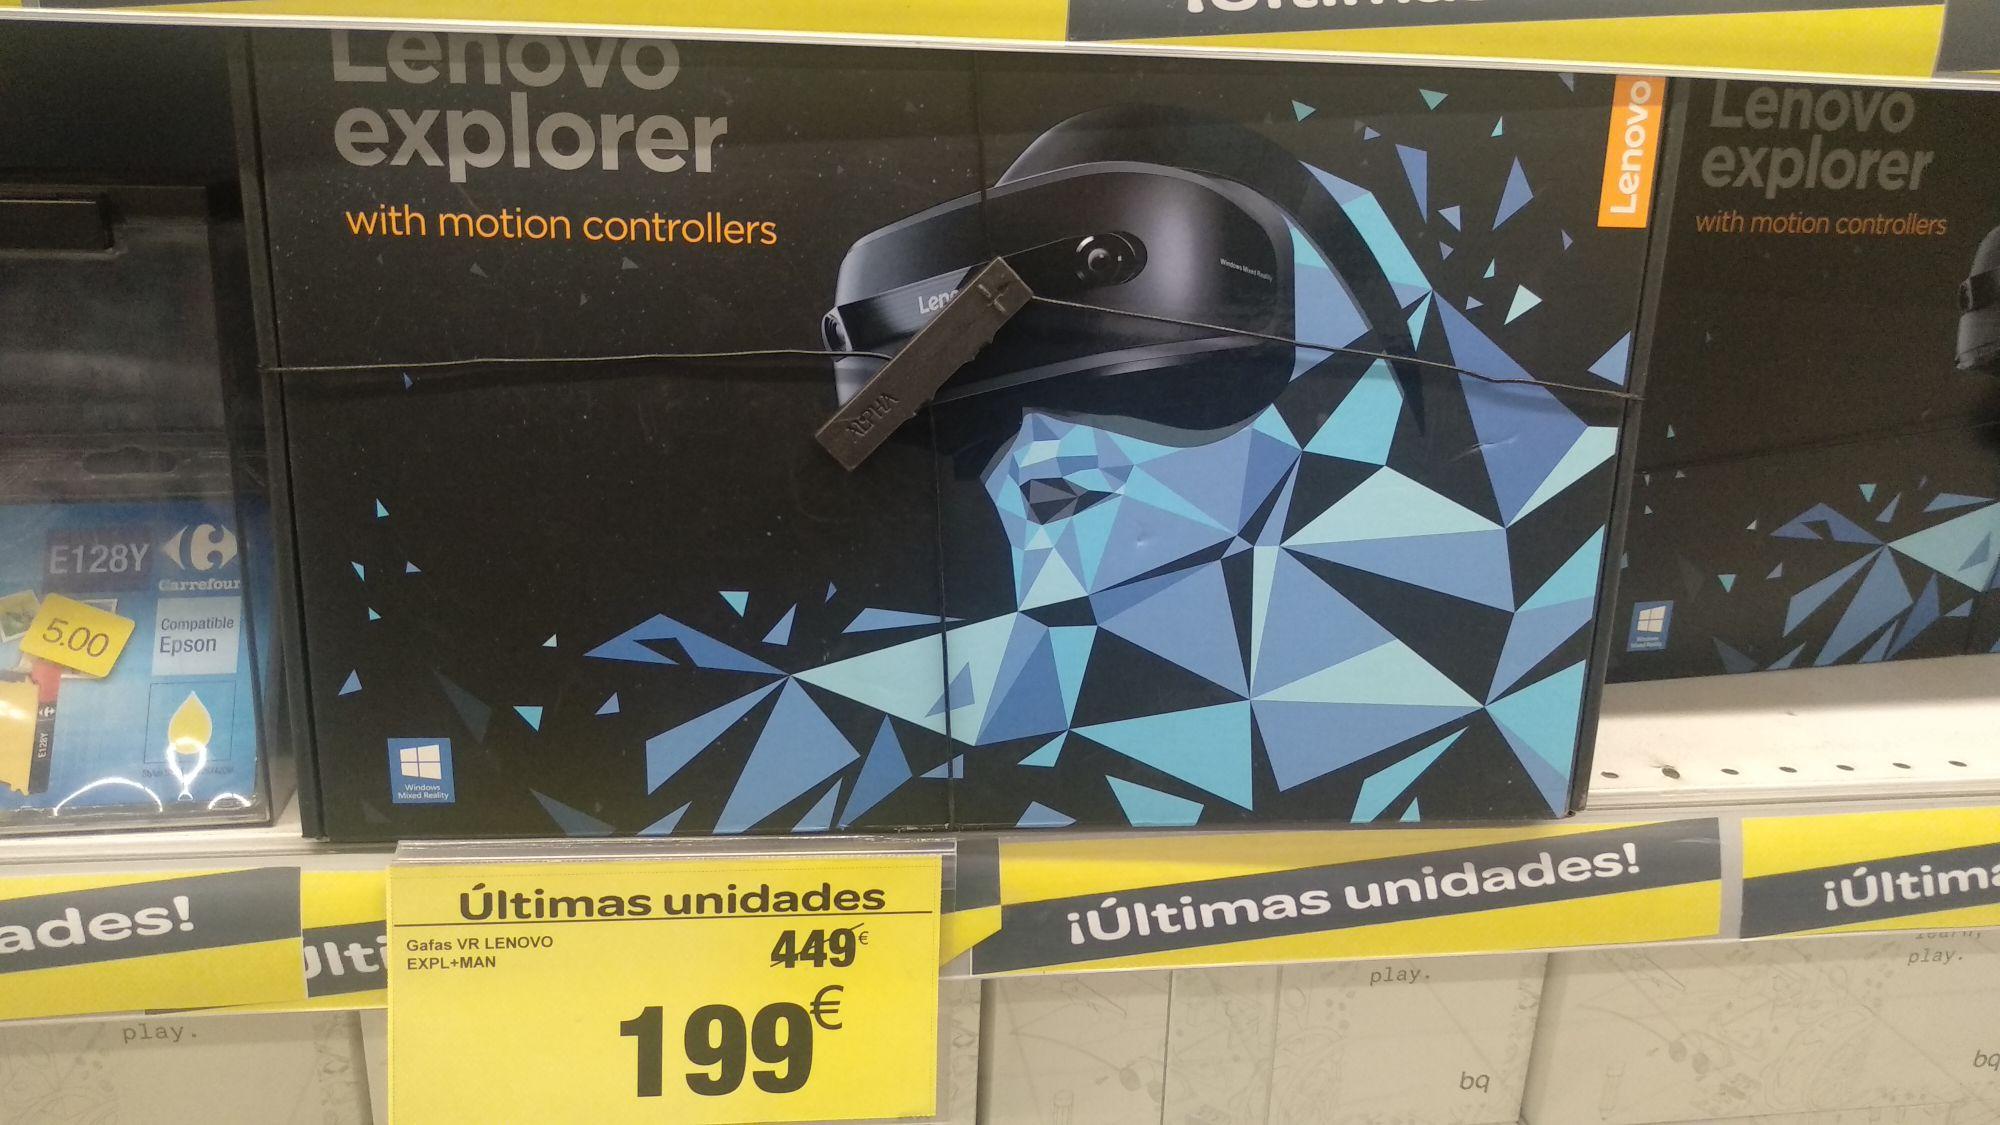 Gafas VR Lenovo en Carrefour Collado Villalba